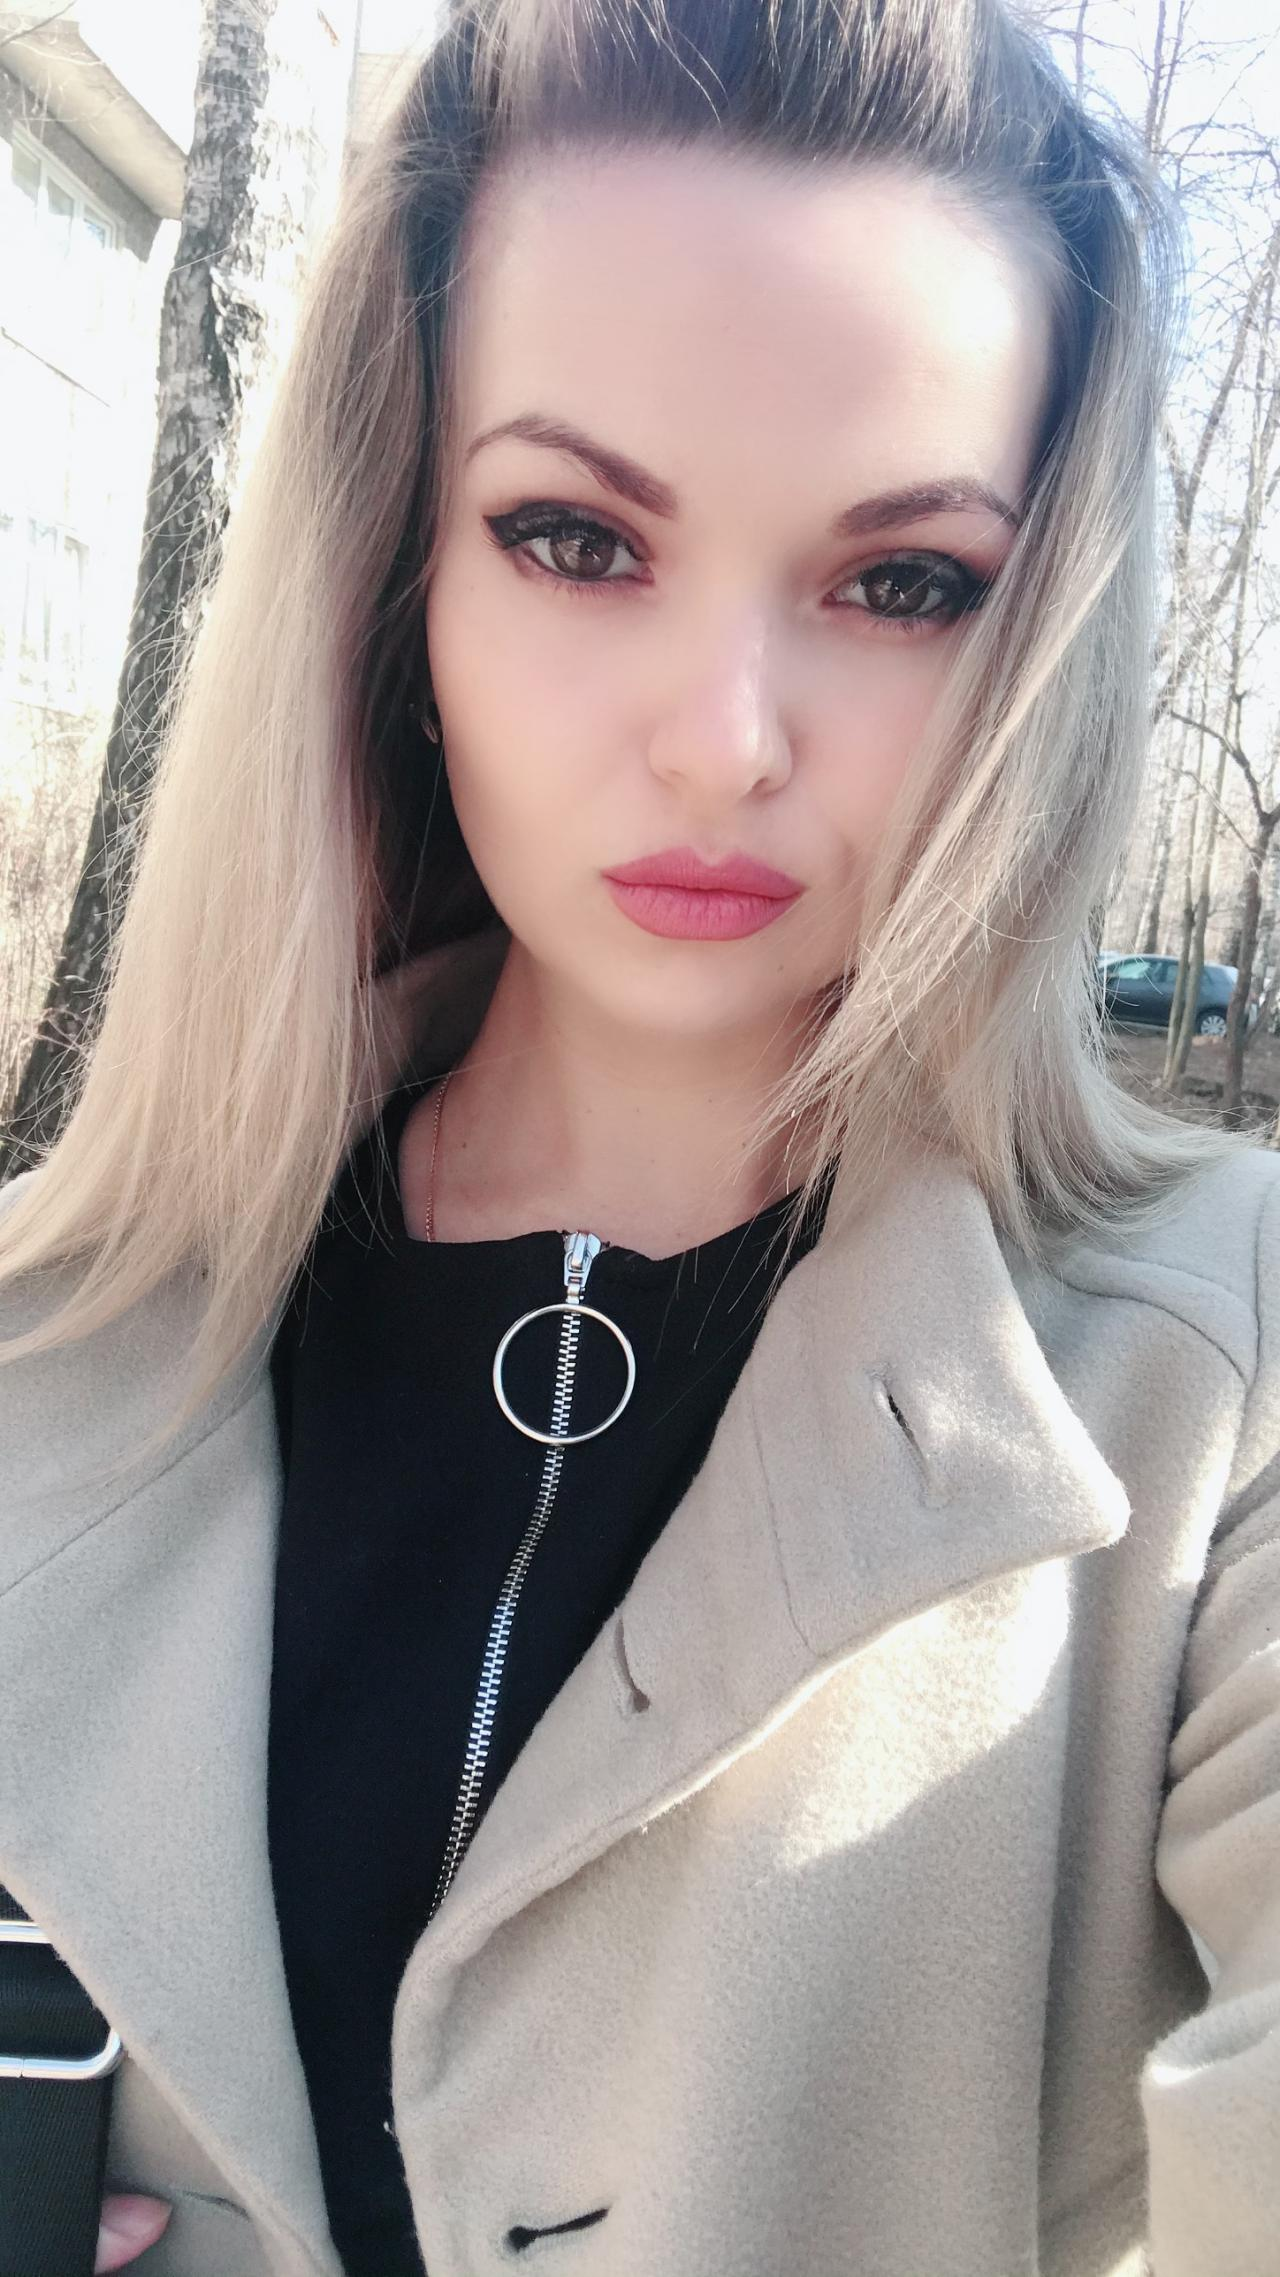 Пономаренко Виктория